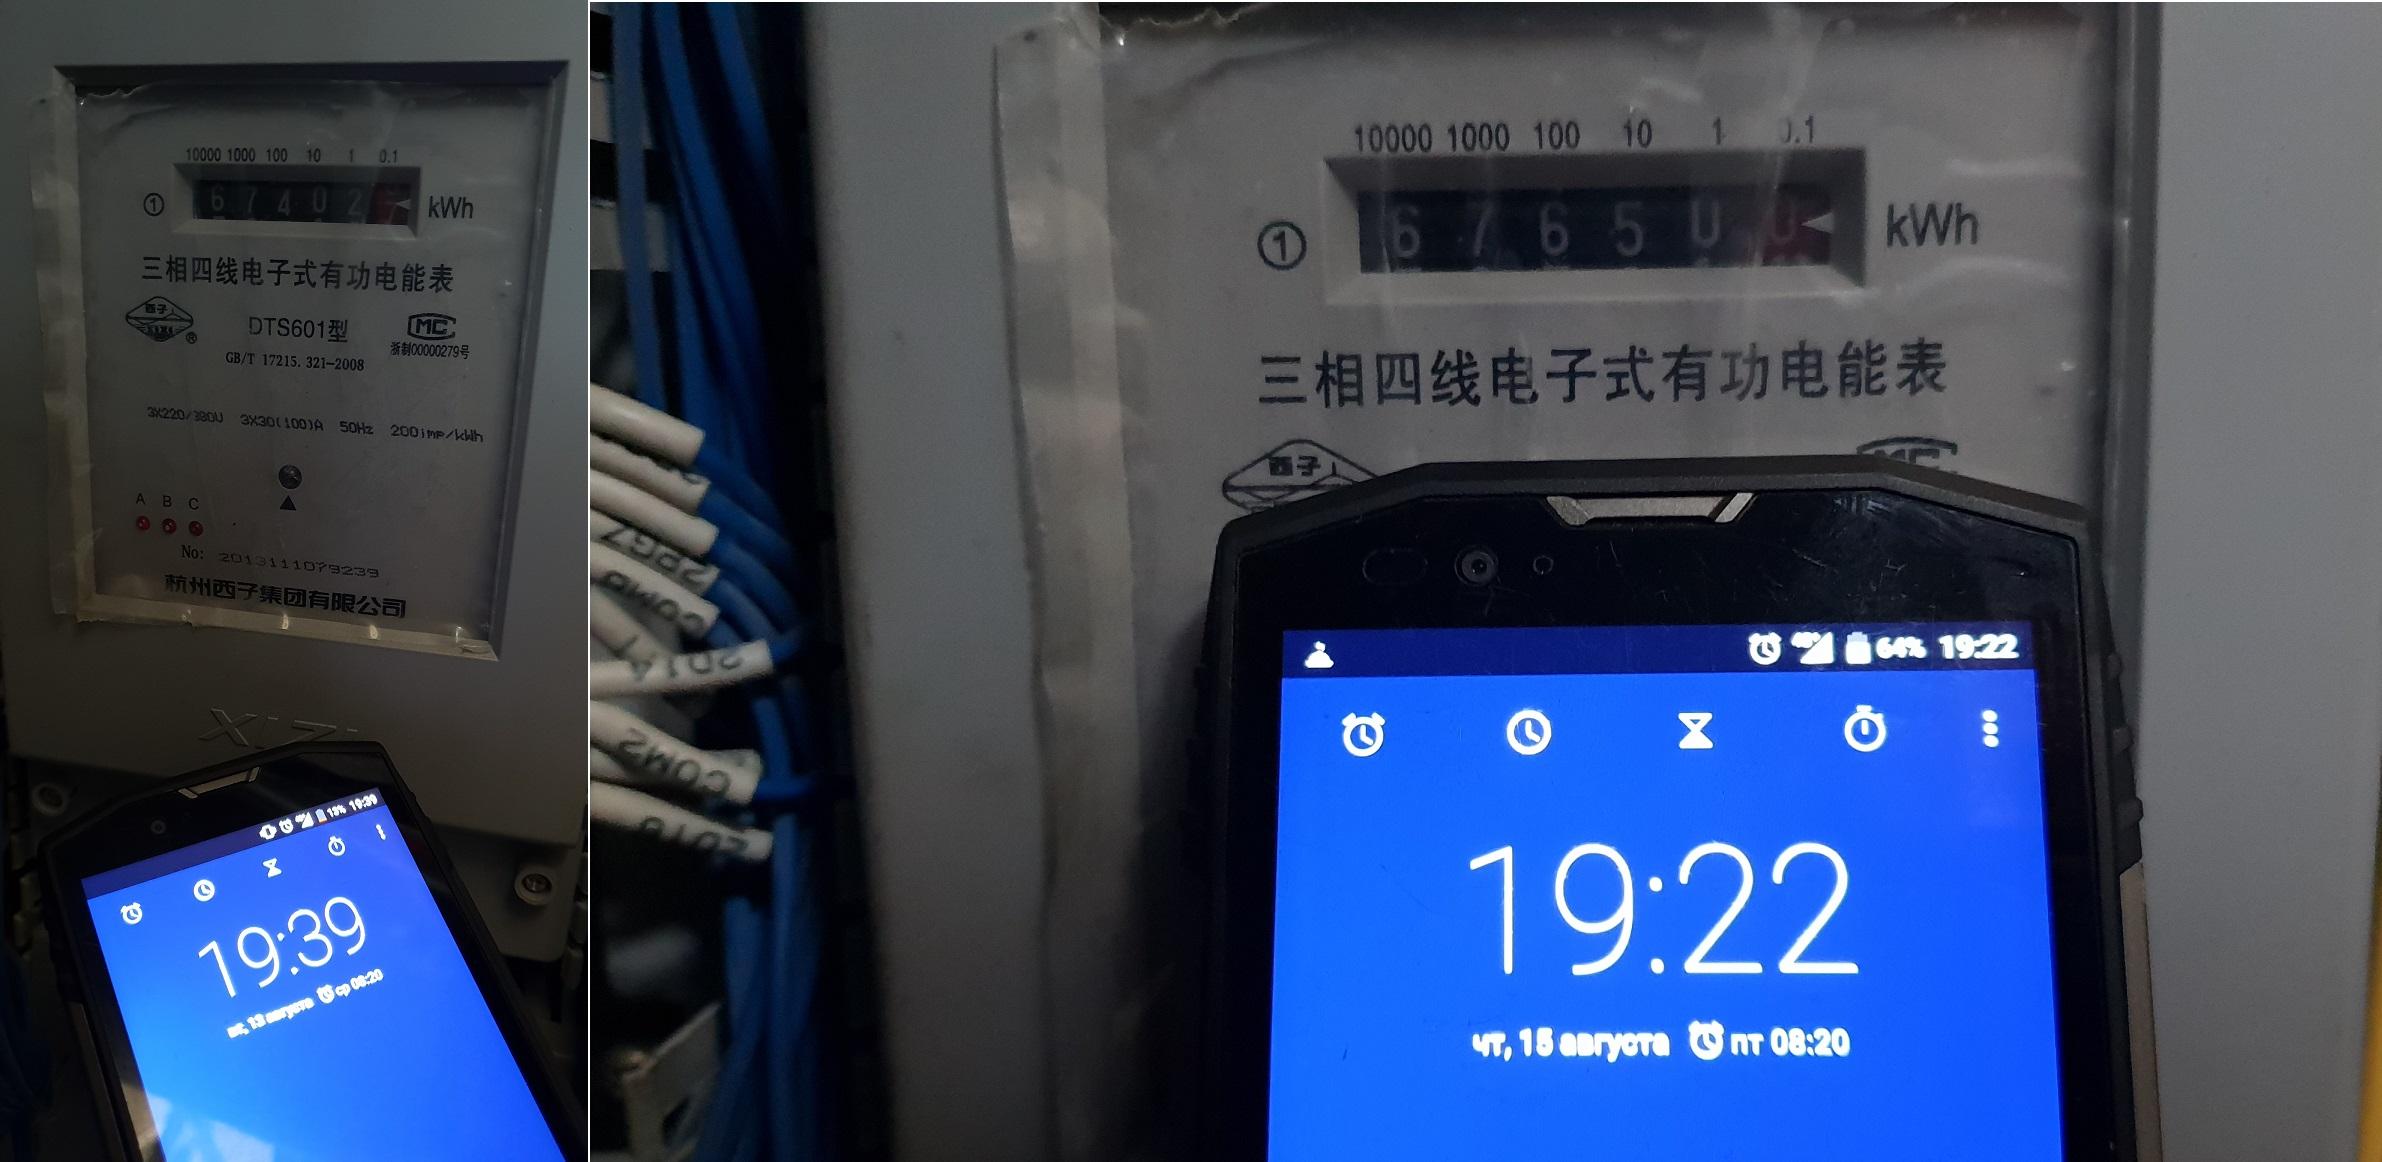 На фотографии показан электрический счетчик устаревшей машины литья под давлением. Фотографии сделаны 13 и 15 августа с разницей в 48 часов. Режим работы машины — круглосуточный.